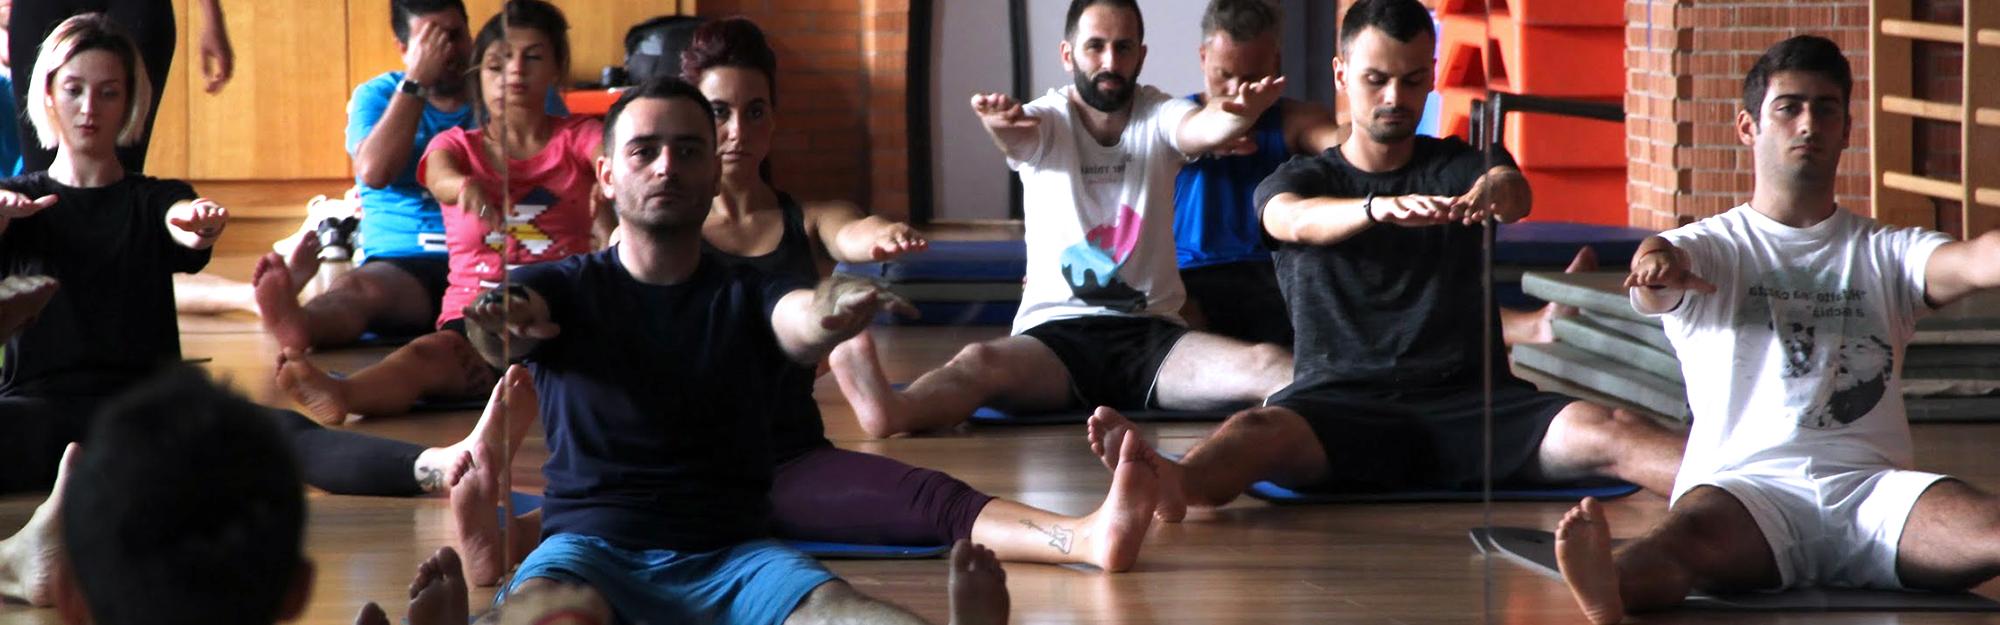 Maestro Shifu insegna, noi applichiamo: ecco i 5 esercizi per raggiungere l'inner peace durante le ferie, e non solo! #Wellness